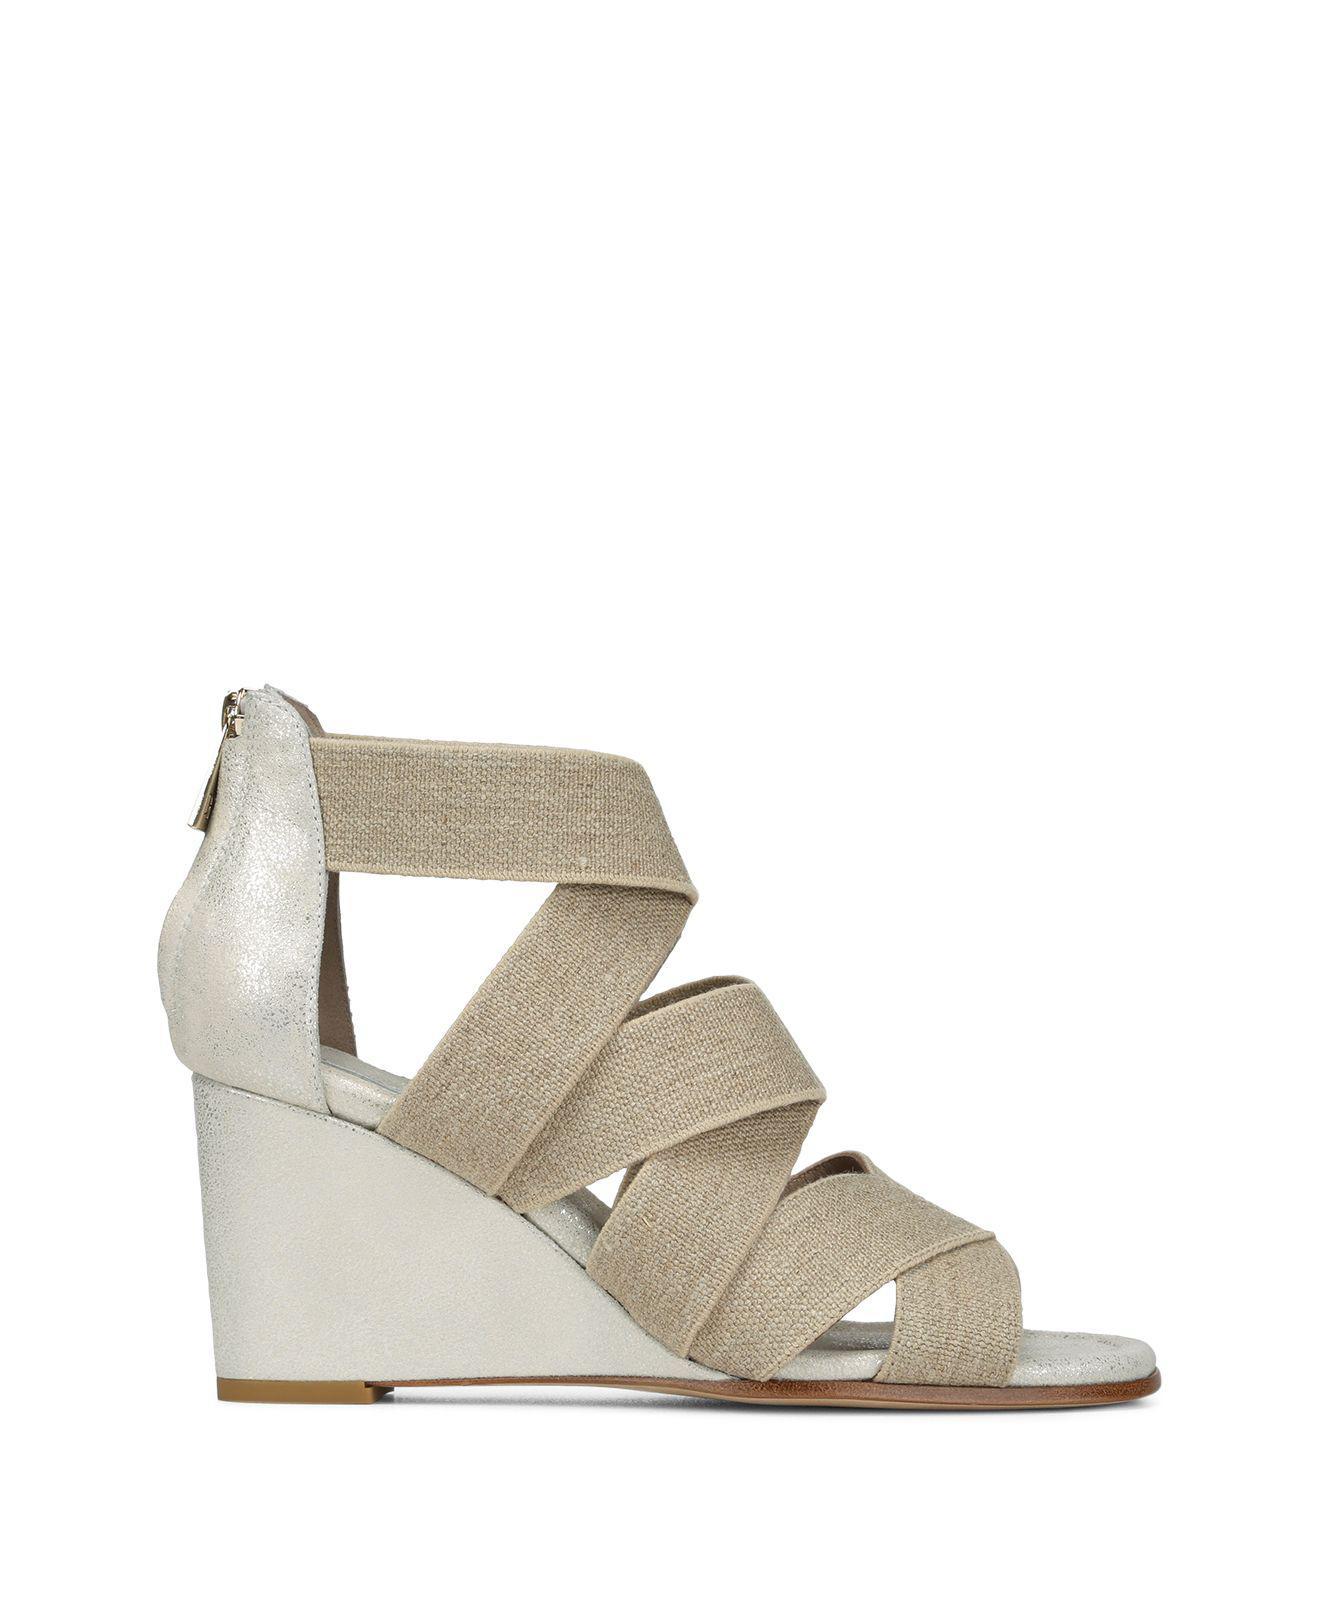 Donald Pliner Women's Lelle-Le Elasticized Cross-Strap Wedge Sandals tHEyMtq